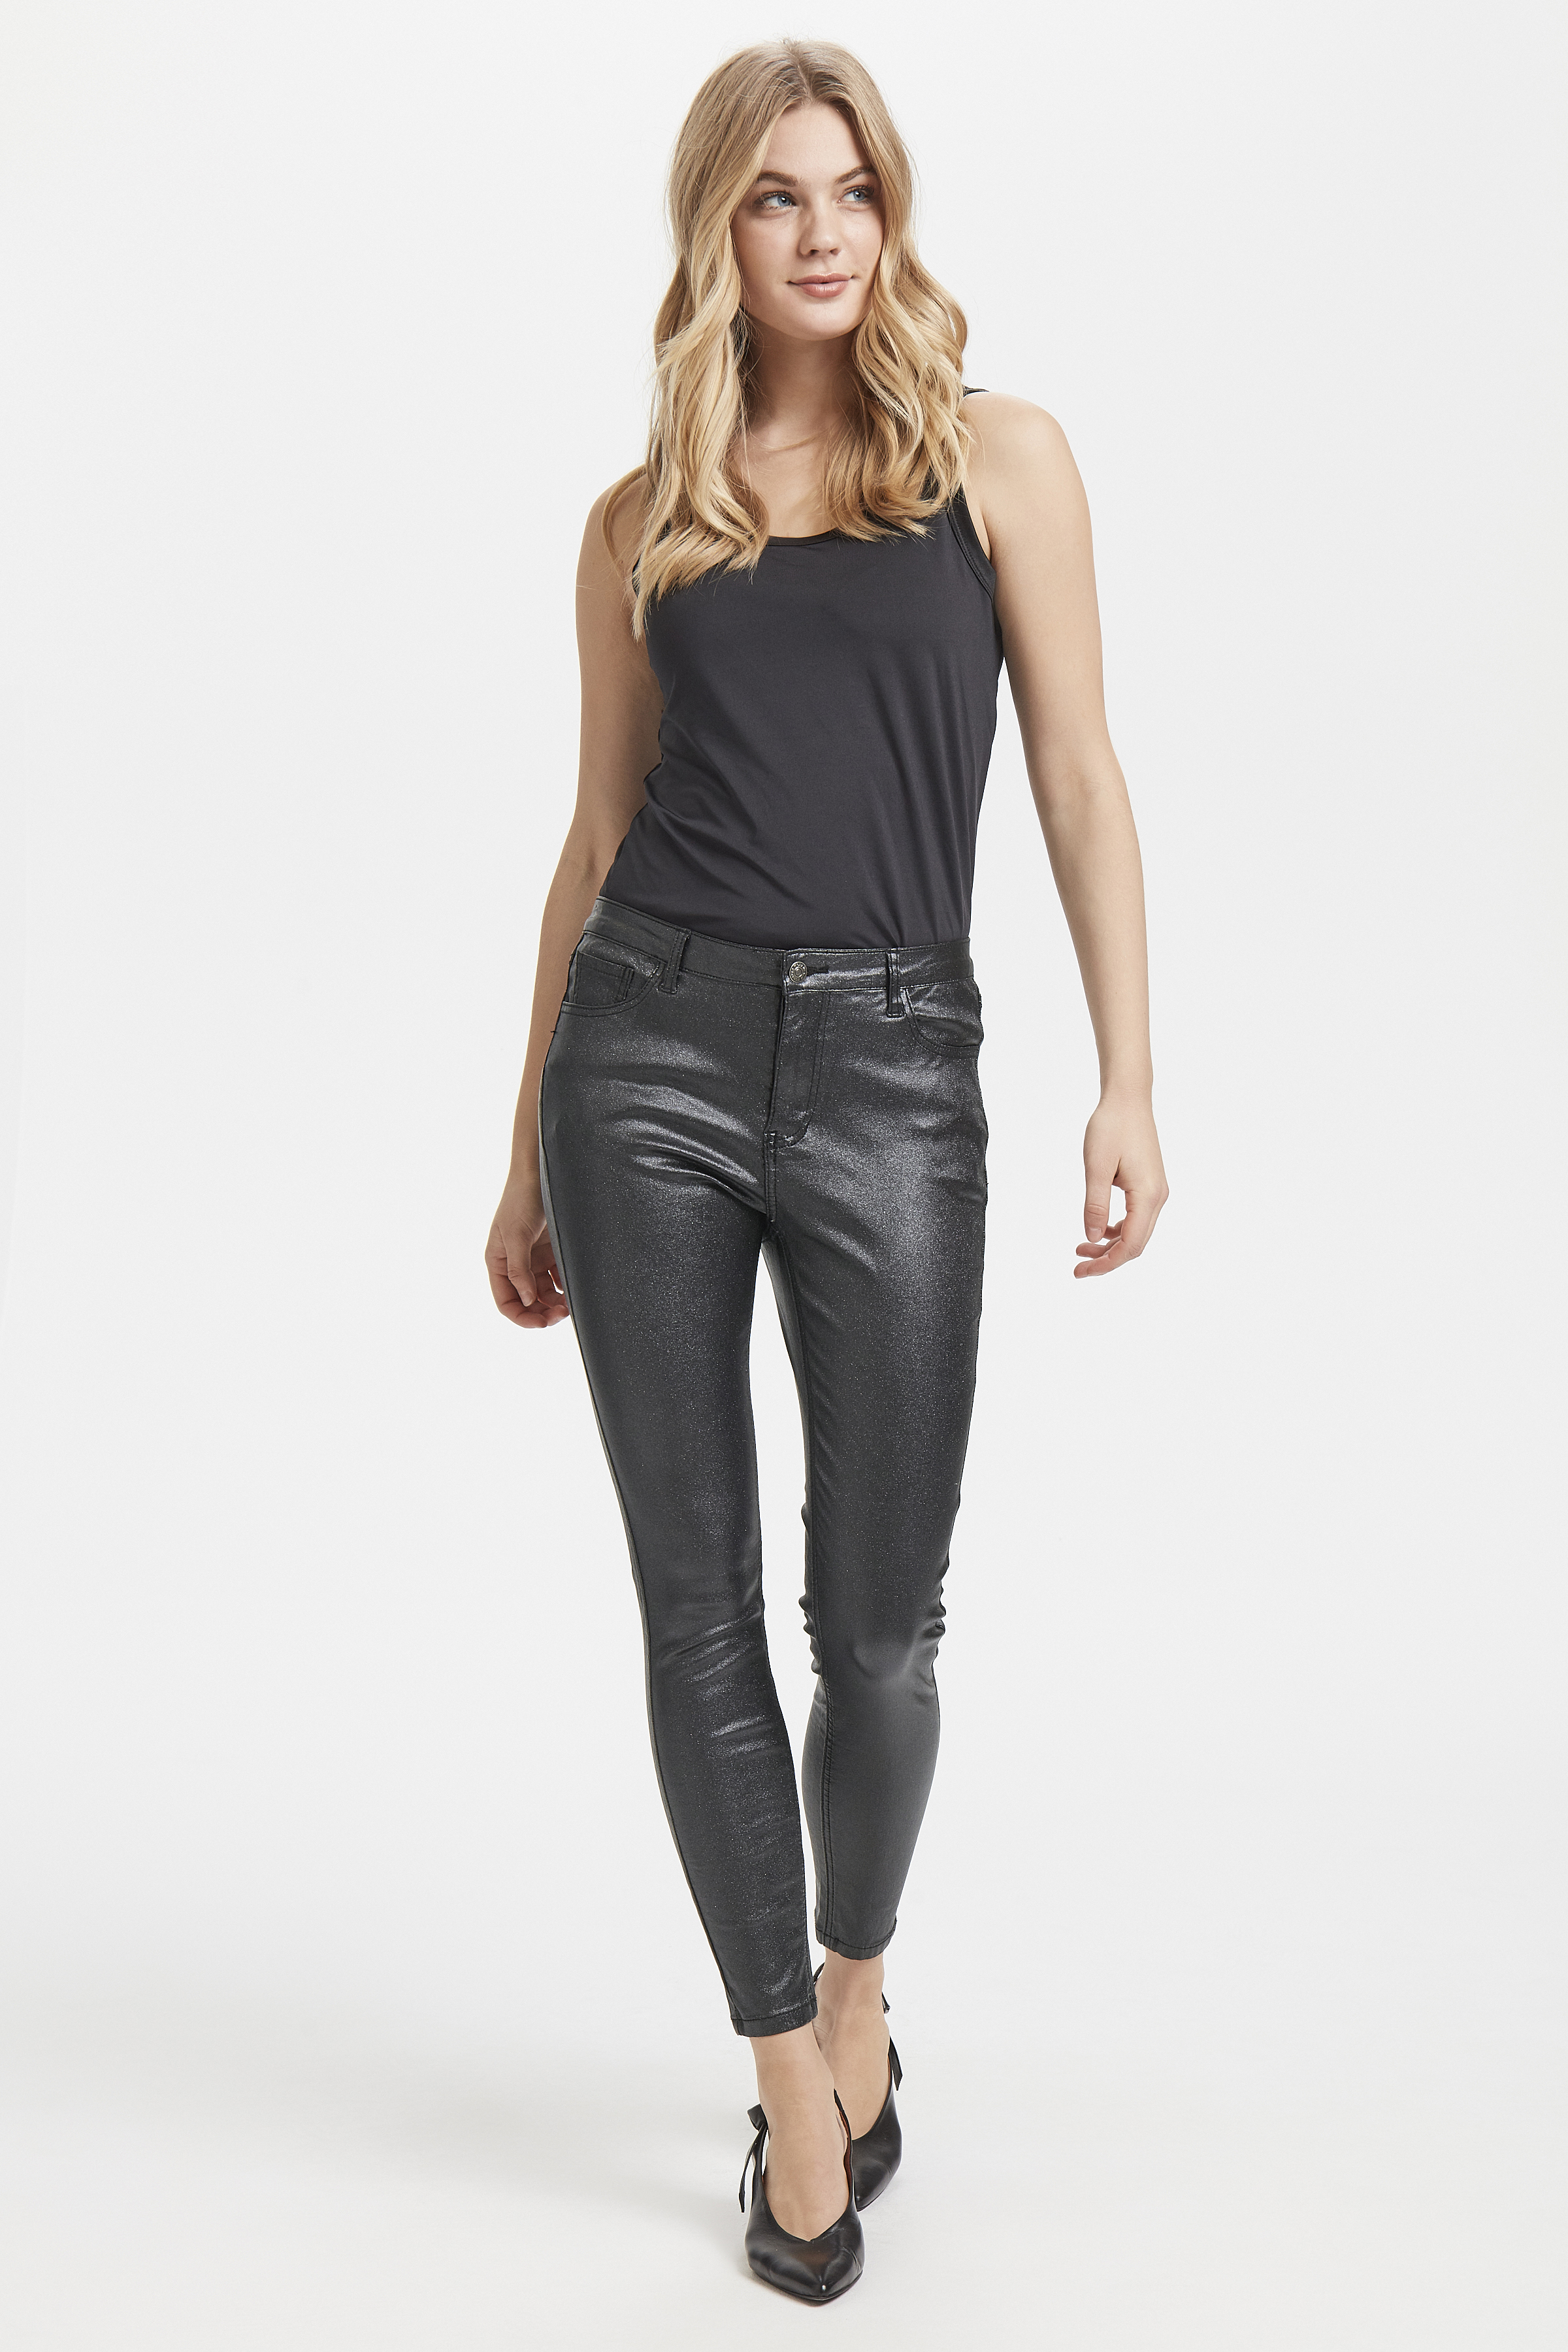 Black shimmer Pants Casual fra b.young – Køb Black shimmer Pants Casual fra str. 25-34 her